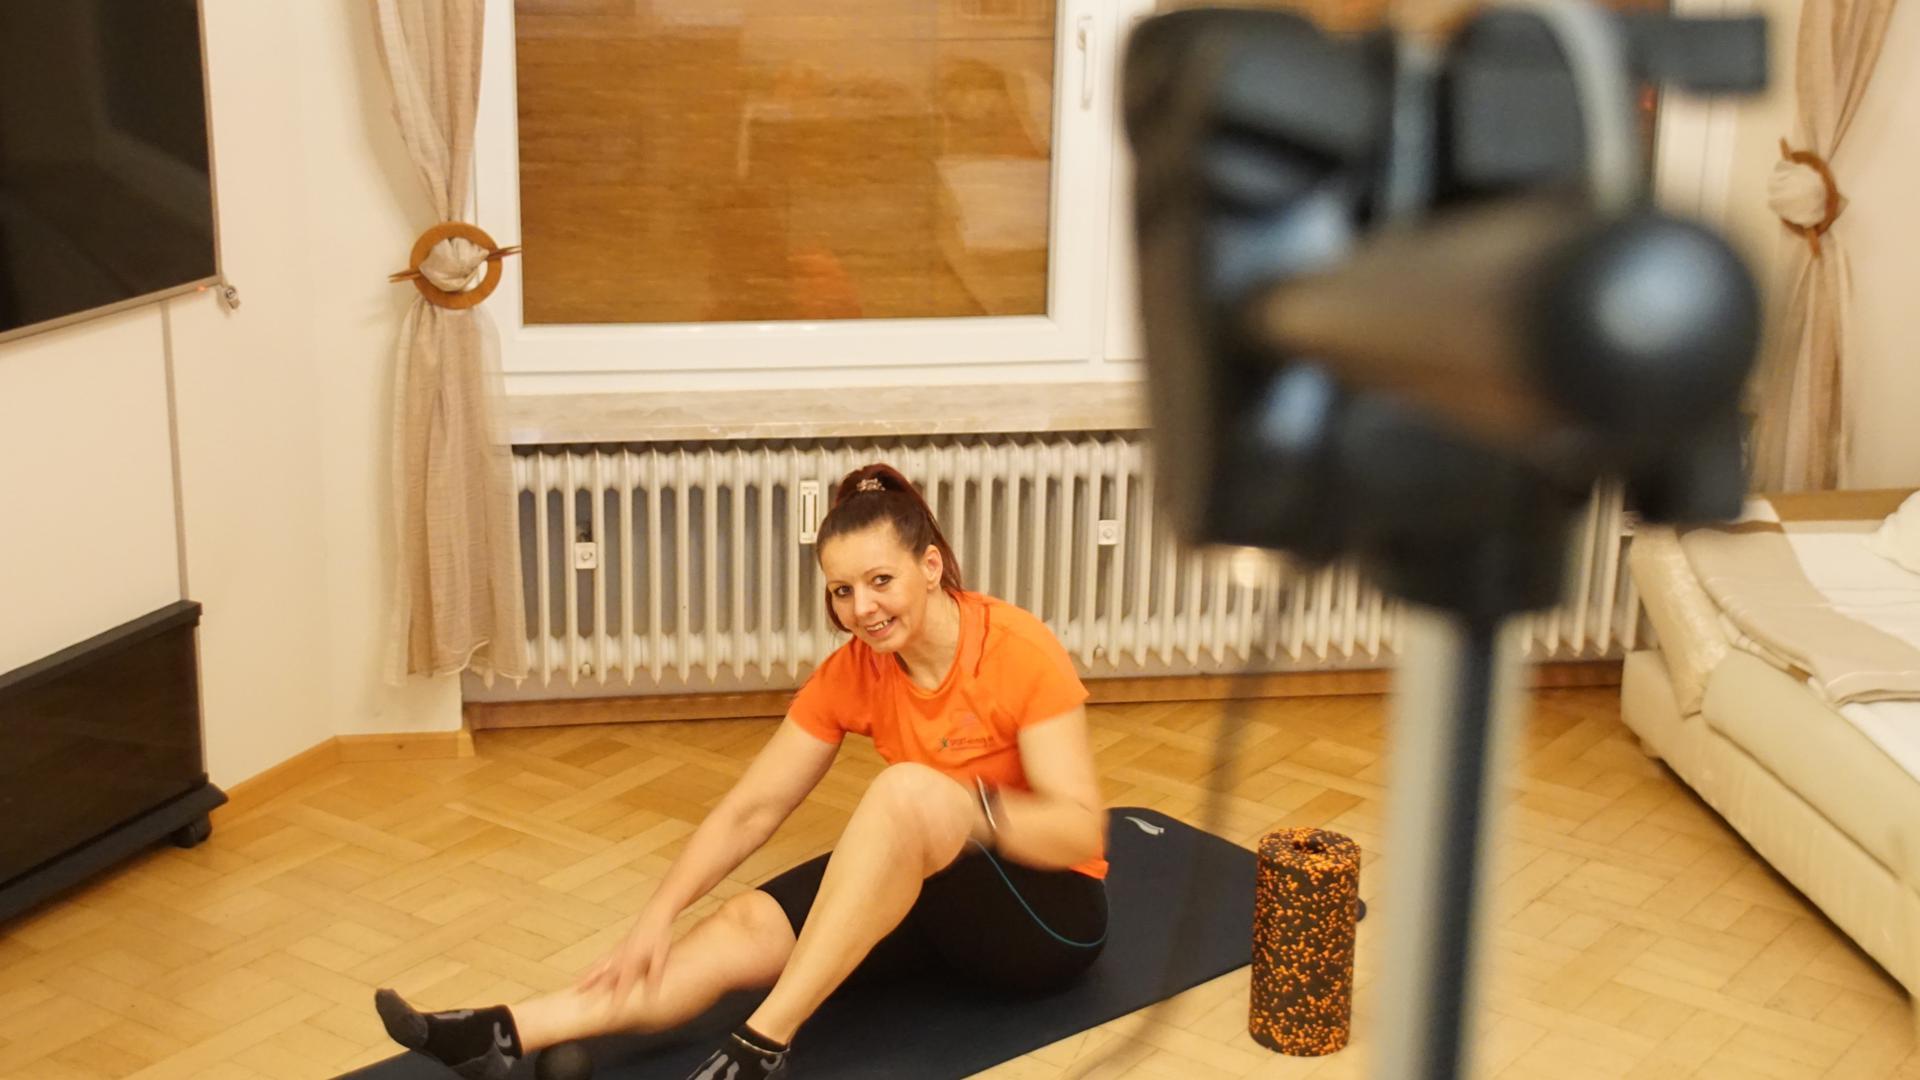 Frau zeigt Fitnessübungen vor Kamera.